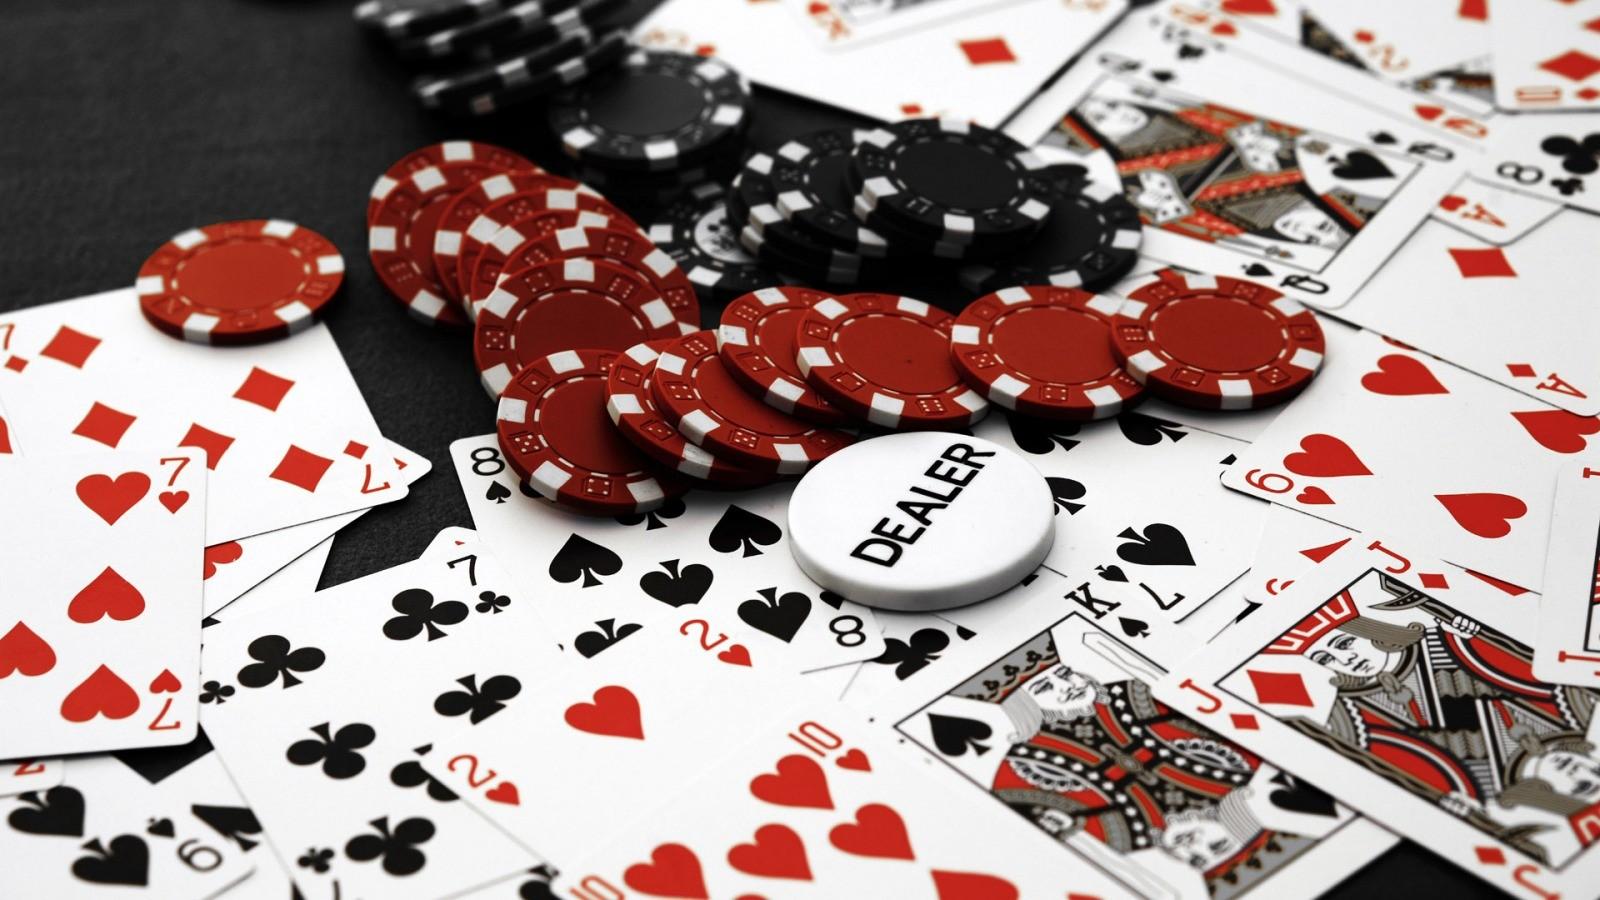 Kumpulan Situs Judi Casino Dan Situs Judi Poker Domino